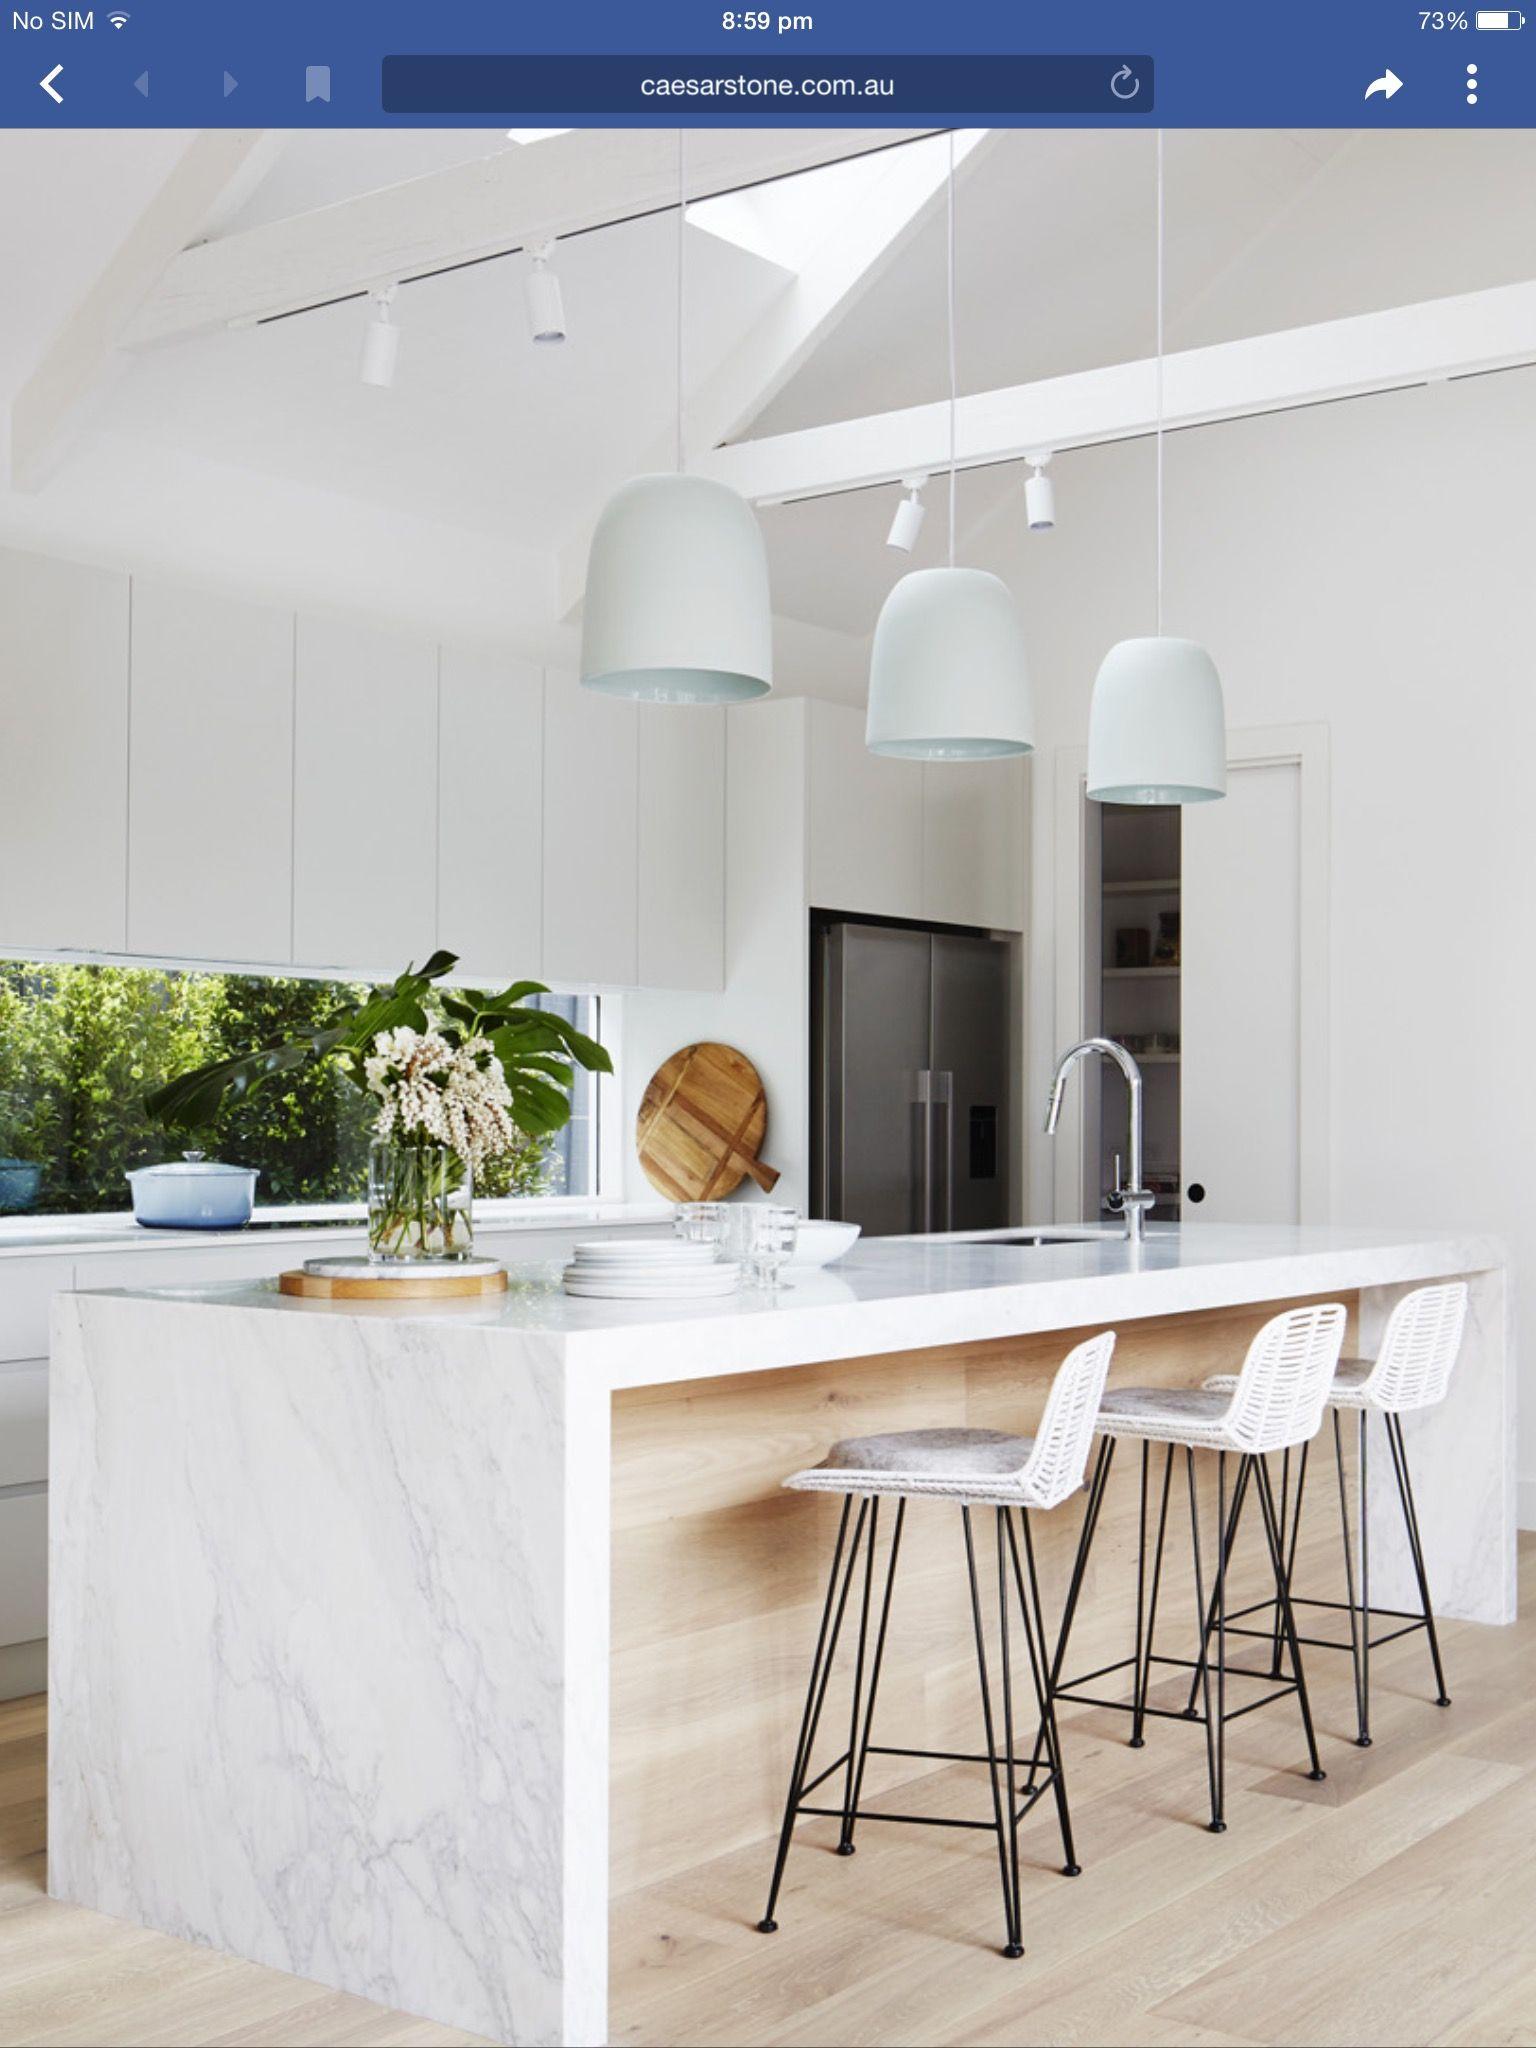 Pin de Cati Rotger en Cocinas modernas | Pinterest | Cocinas, Cocina ...